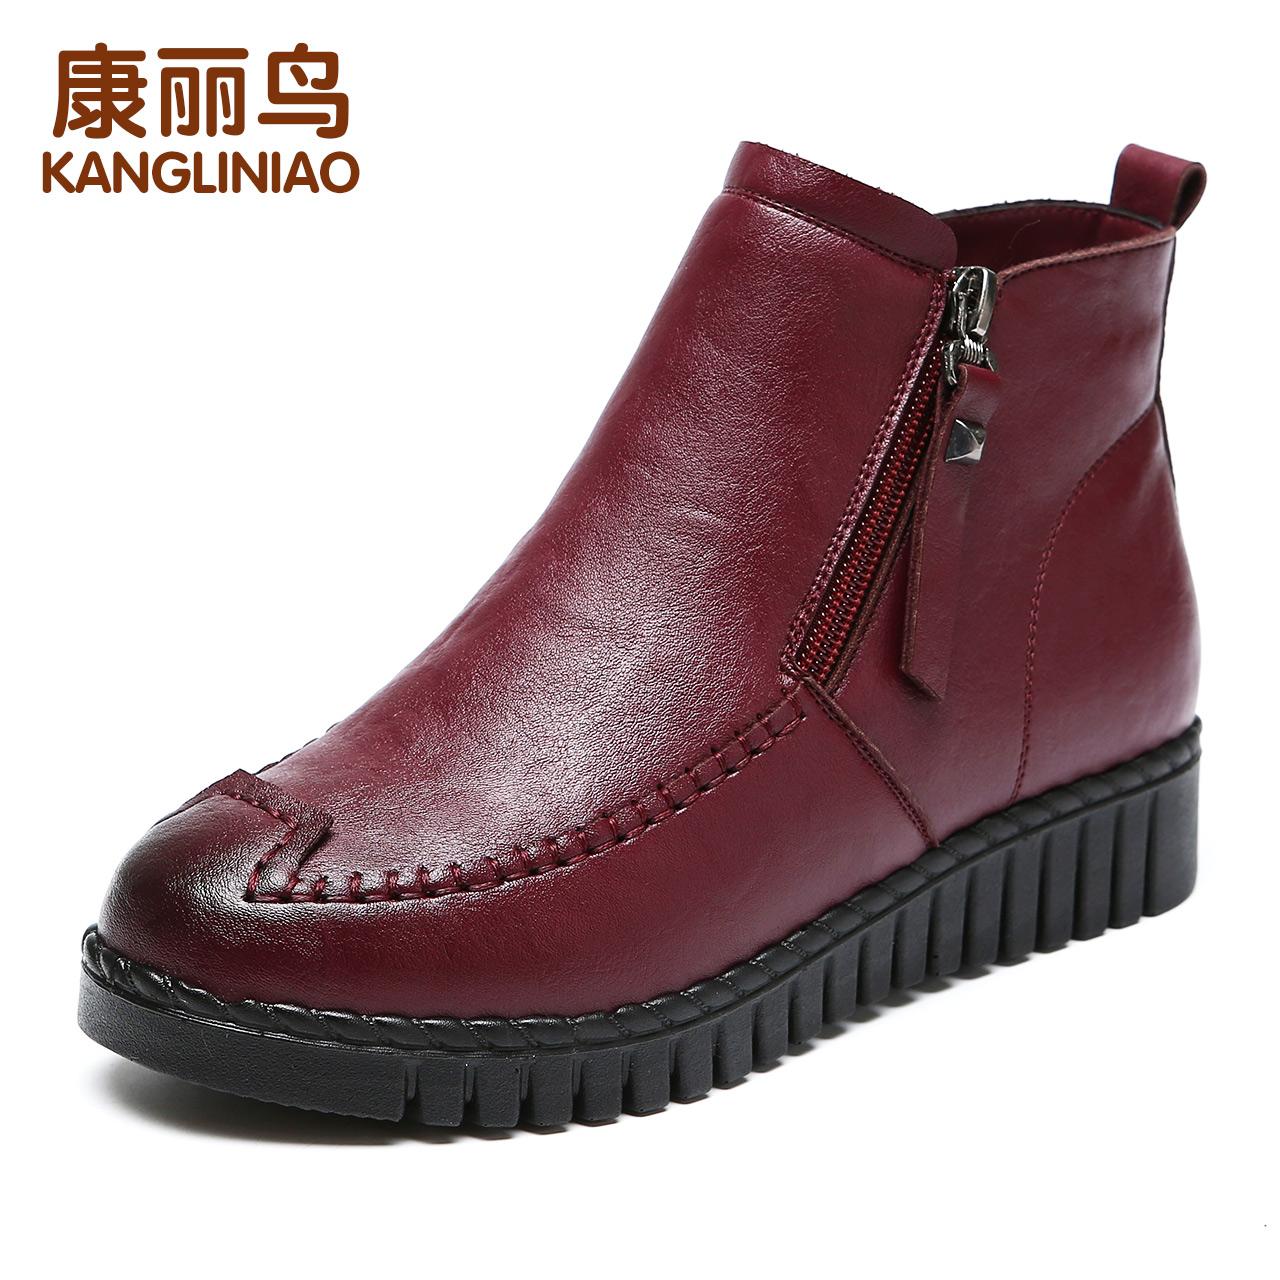 妈妈鞋棉鞋冬季短靴保暖加绒平底软底防滑舒适中老年人皮鞋女鞋子